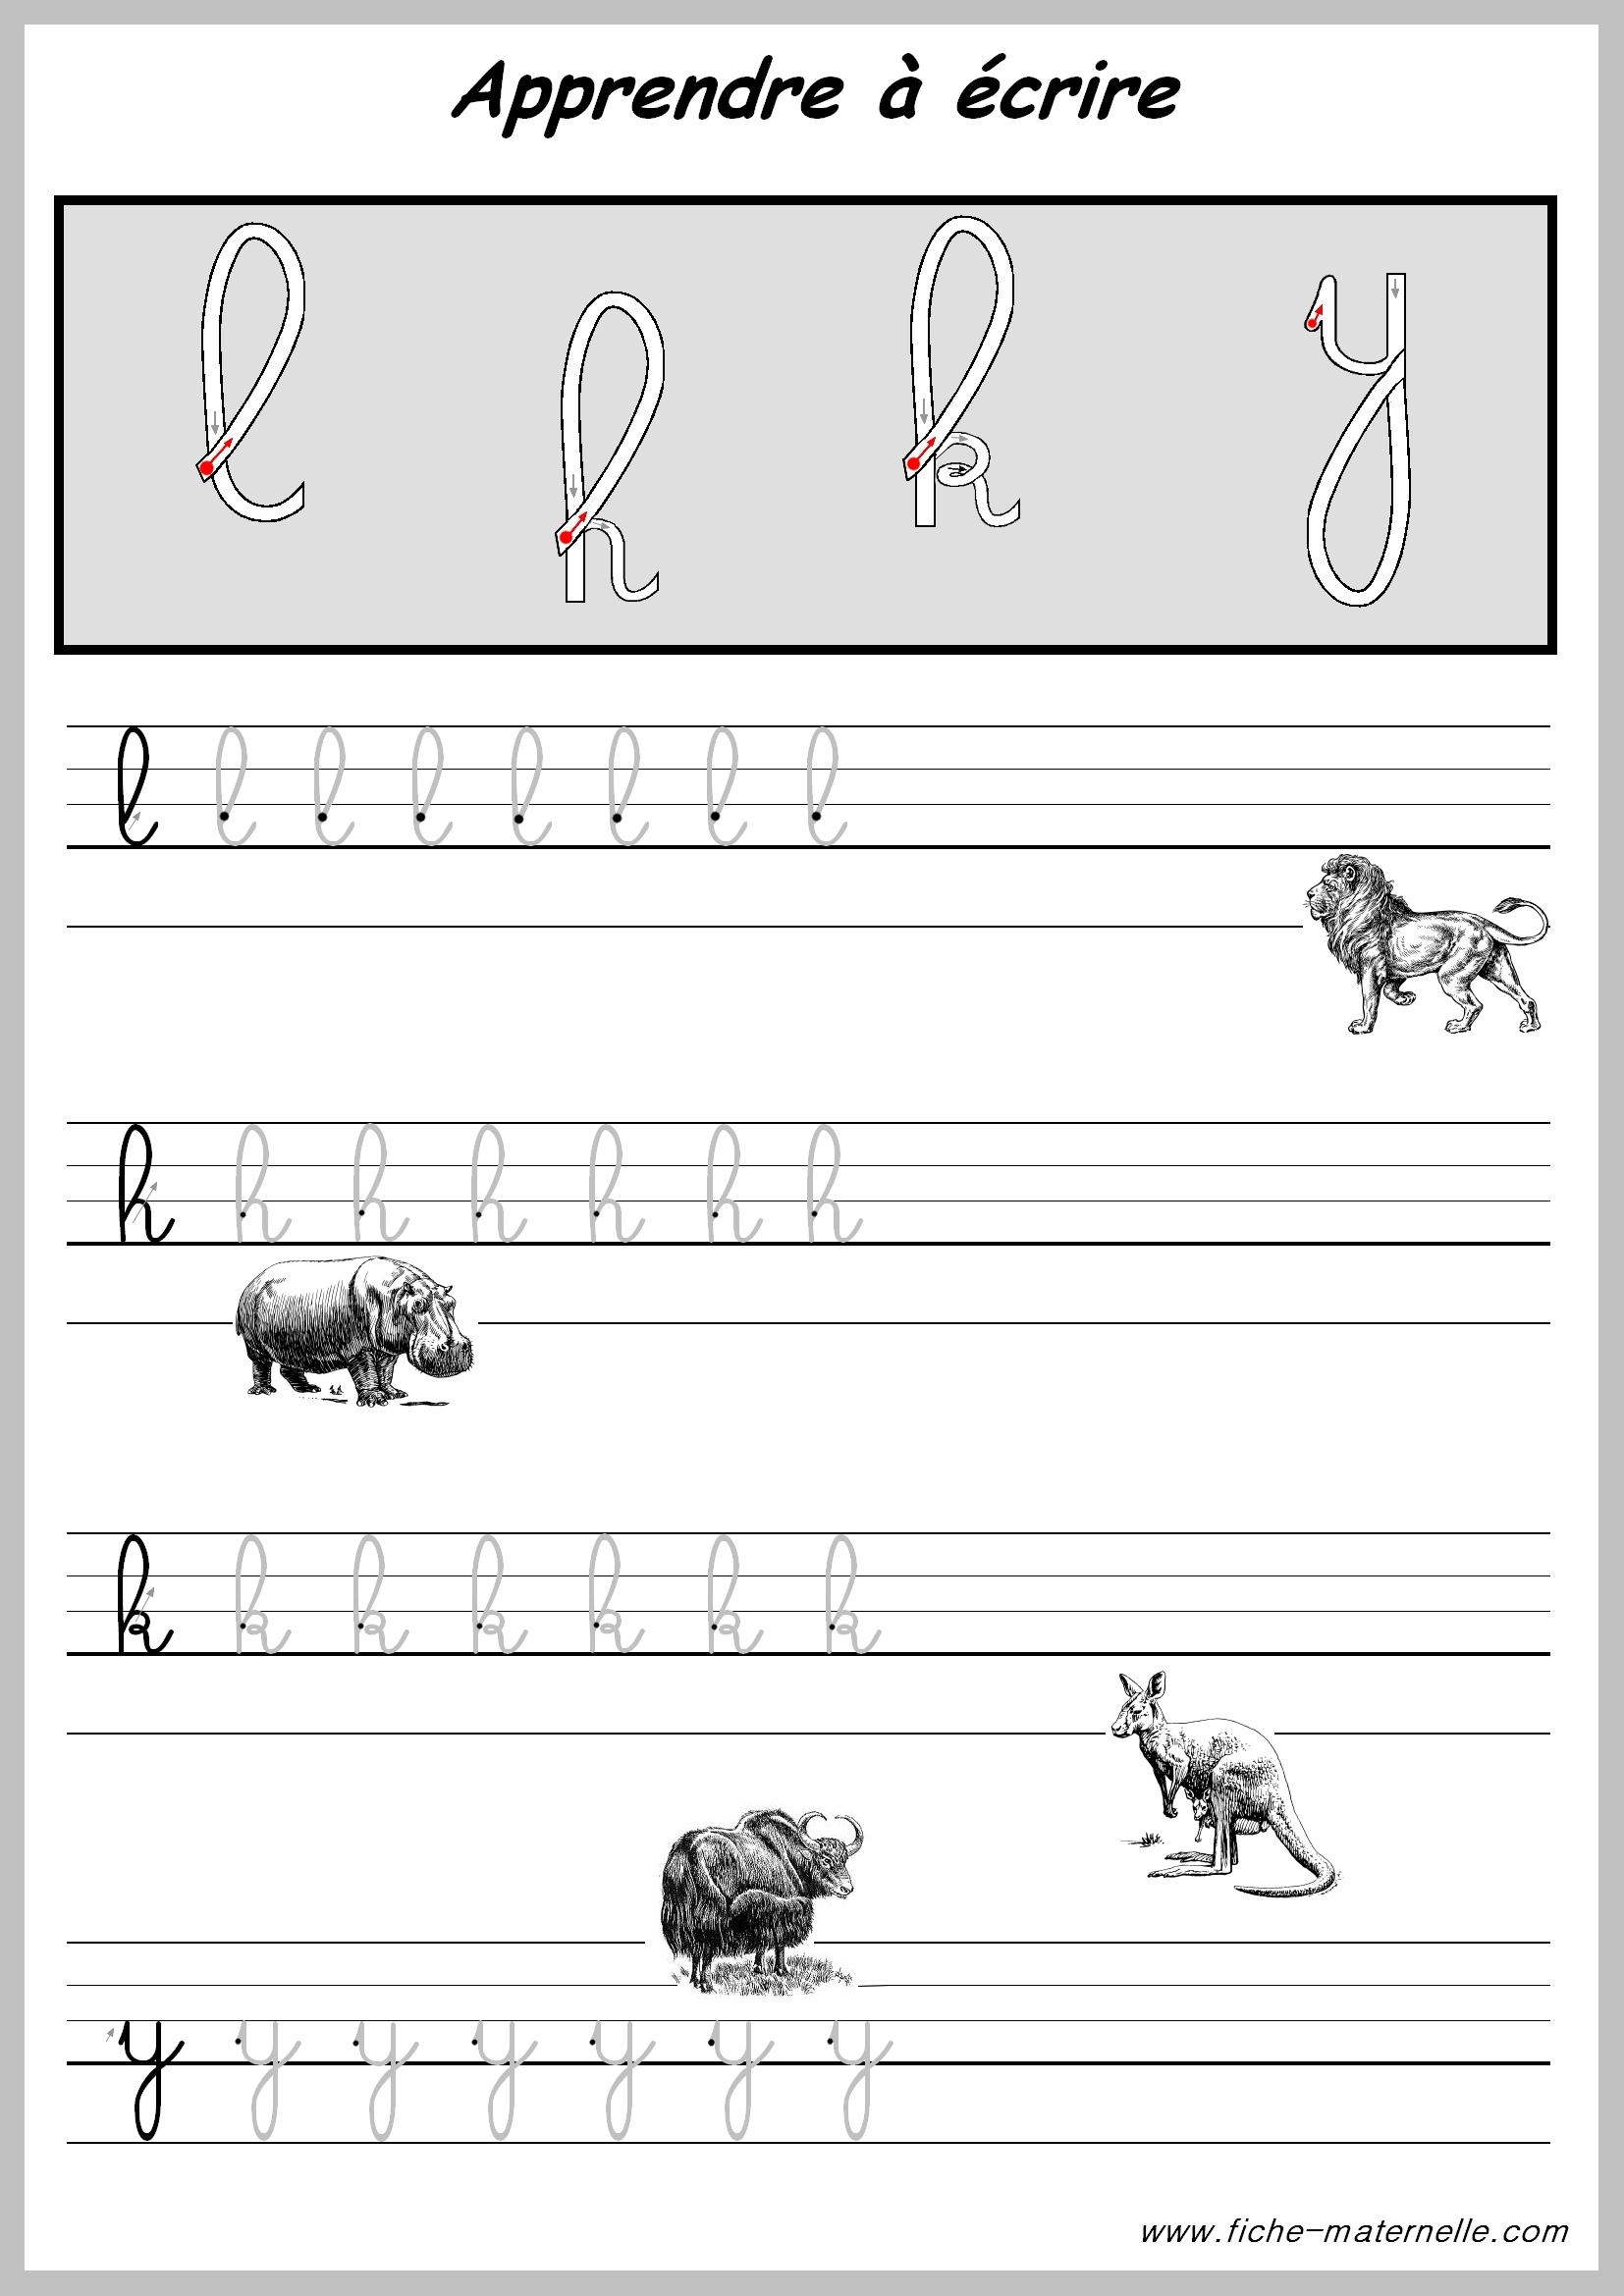 Exercices Pour Apprendre A Ecrire Les Lettres. tout Apprendre A Ecrire Les Lettres